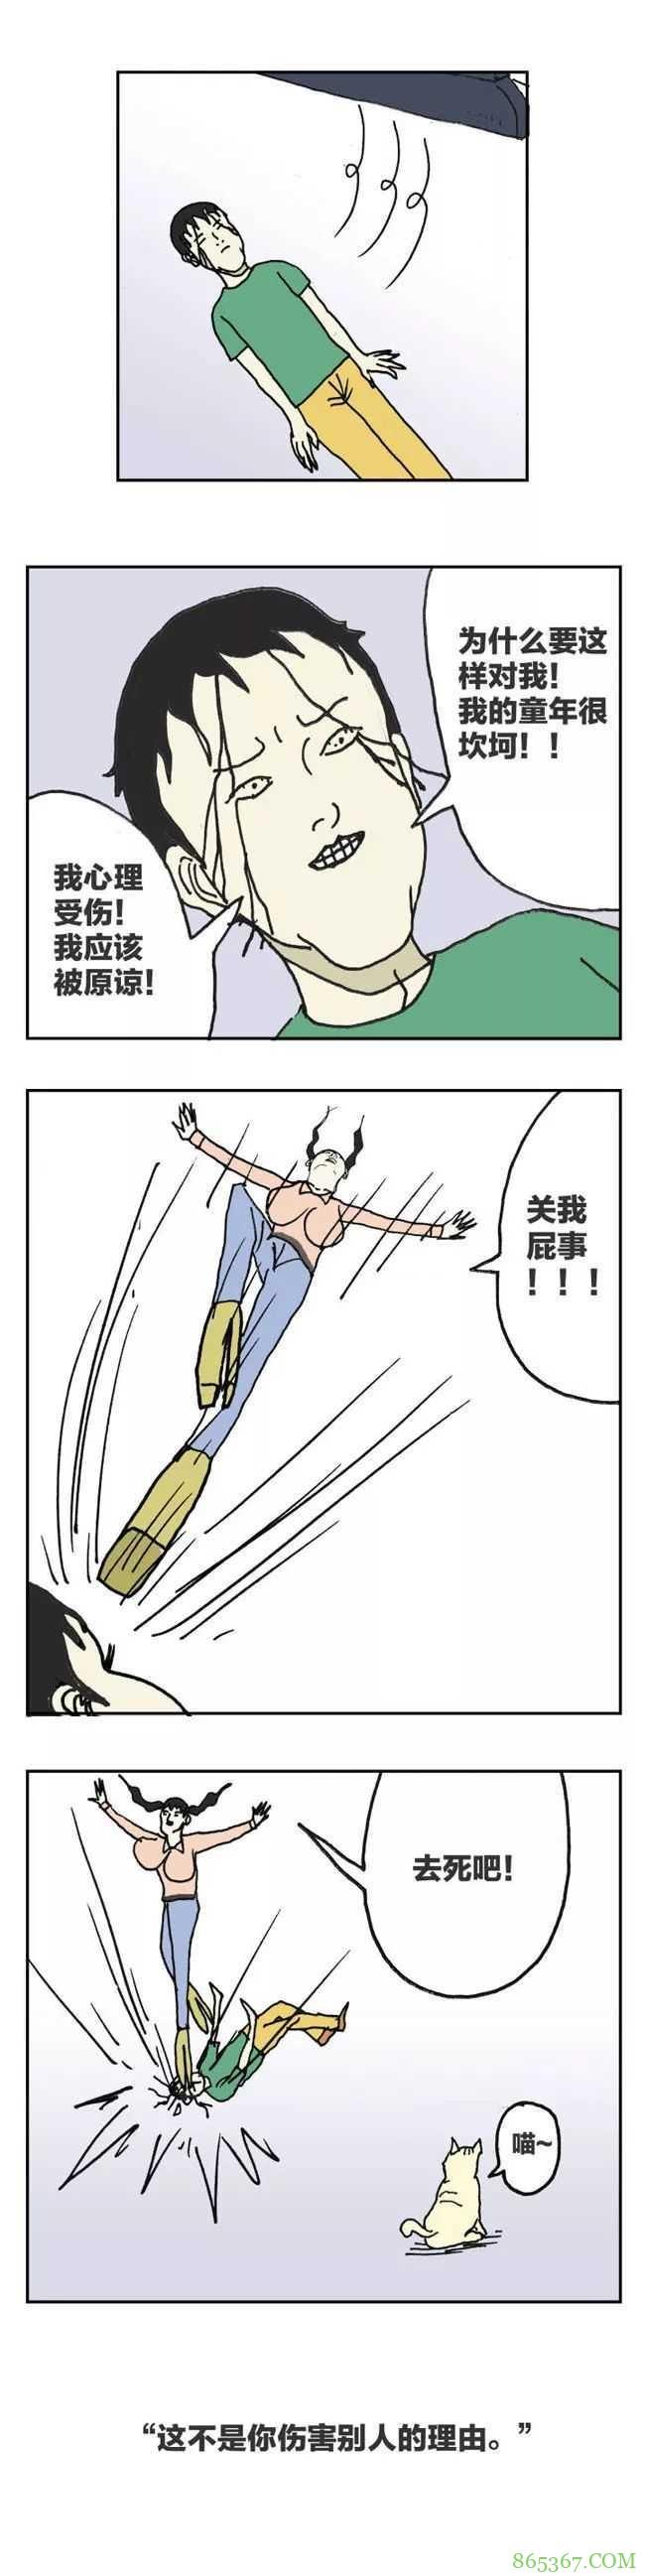 搞笑漫画《怒怼杀猫大一新生》 大一学弟射杀喵星人惨遭学姐暴打